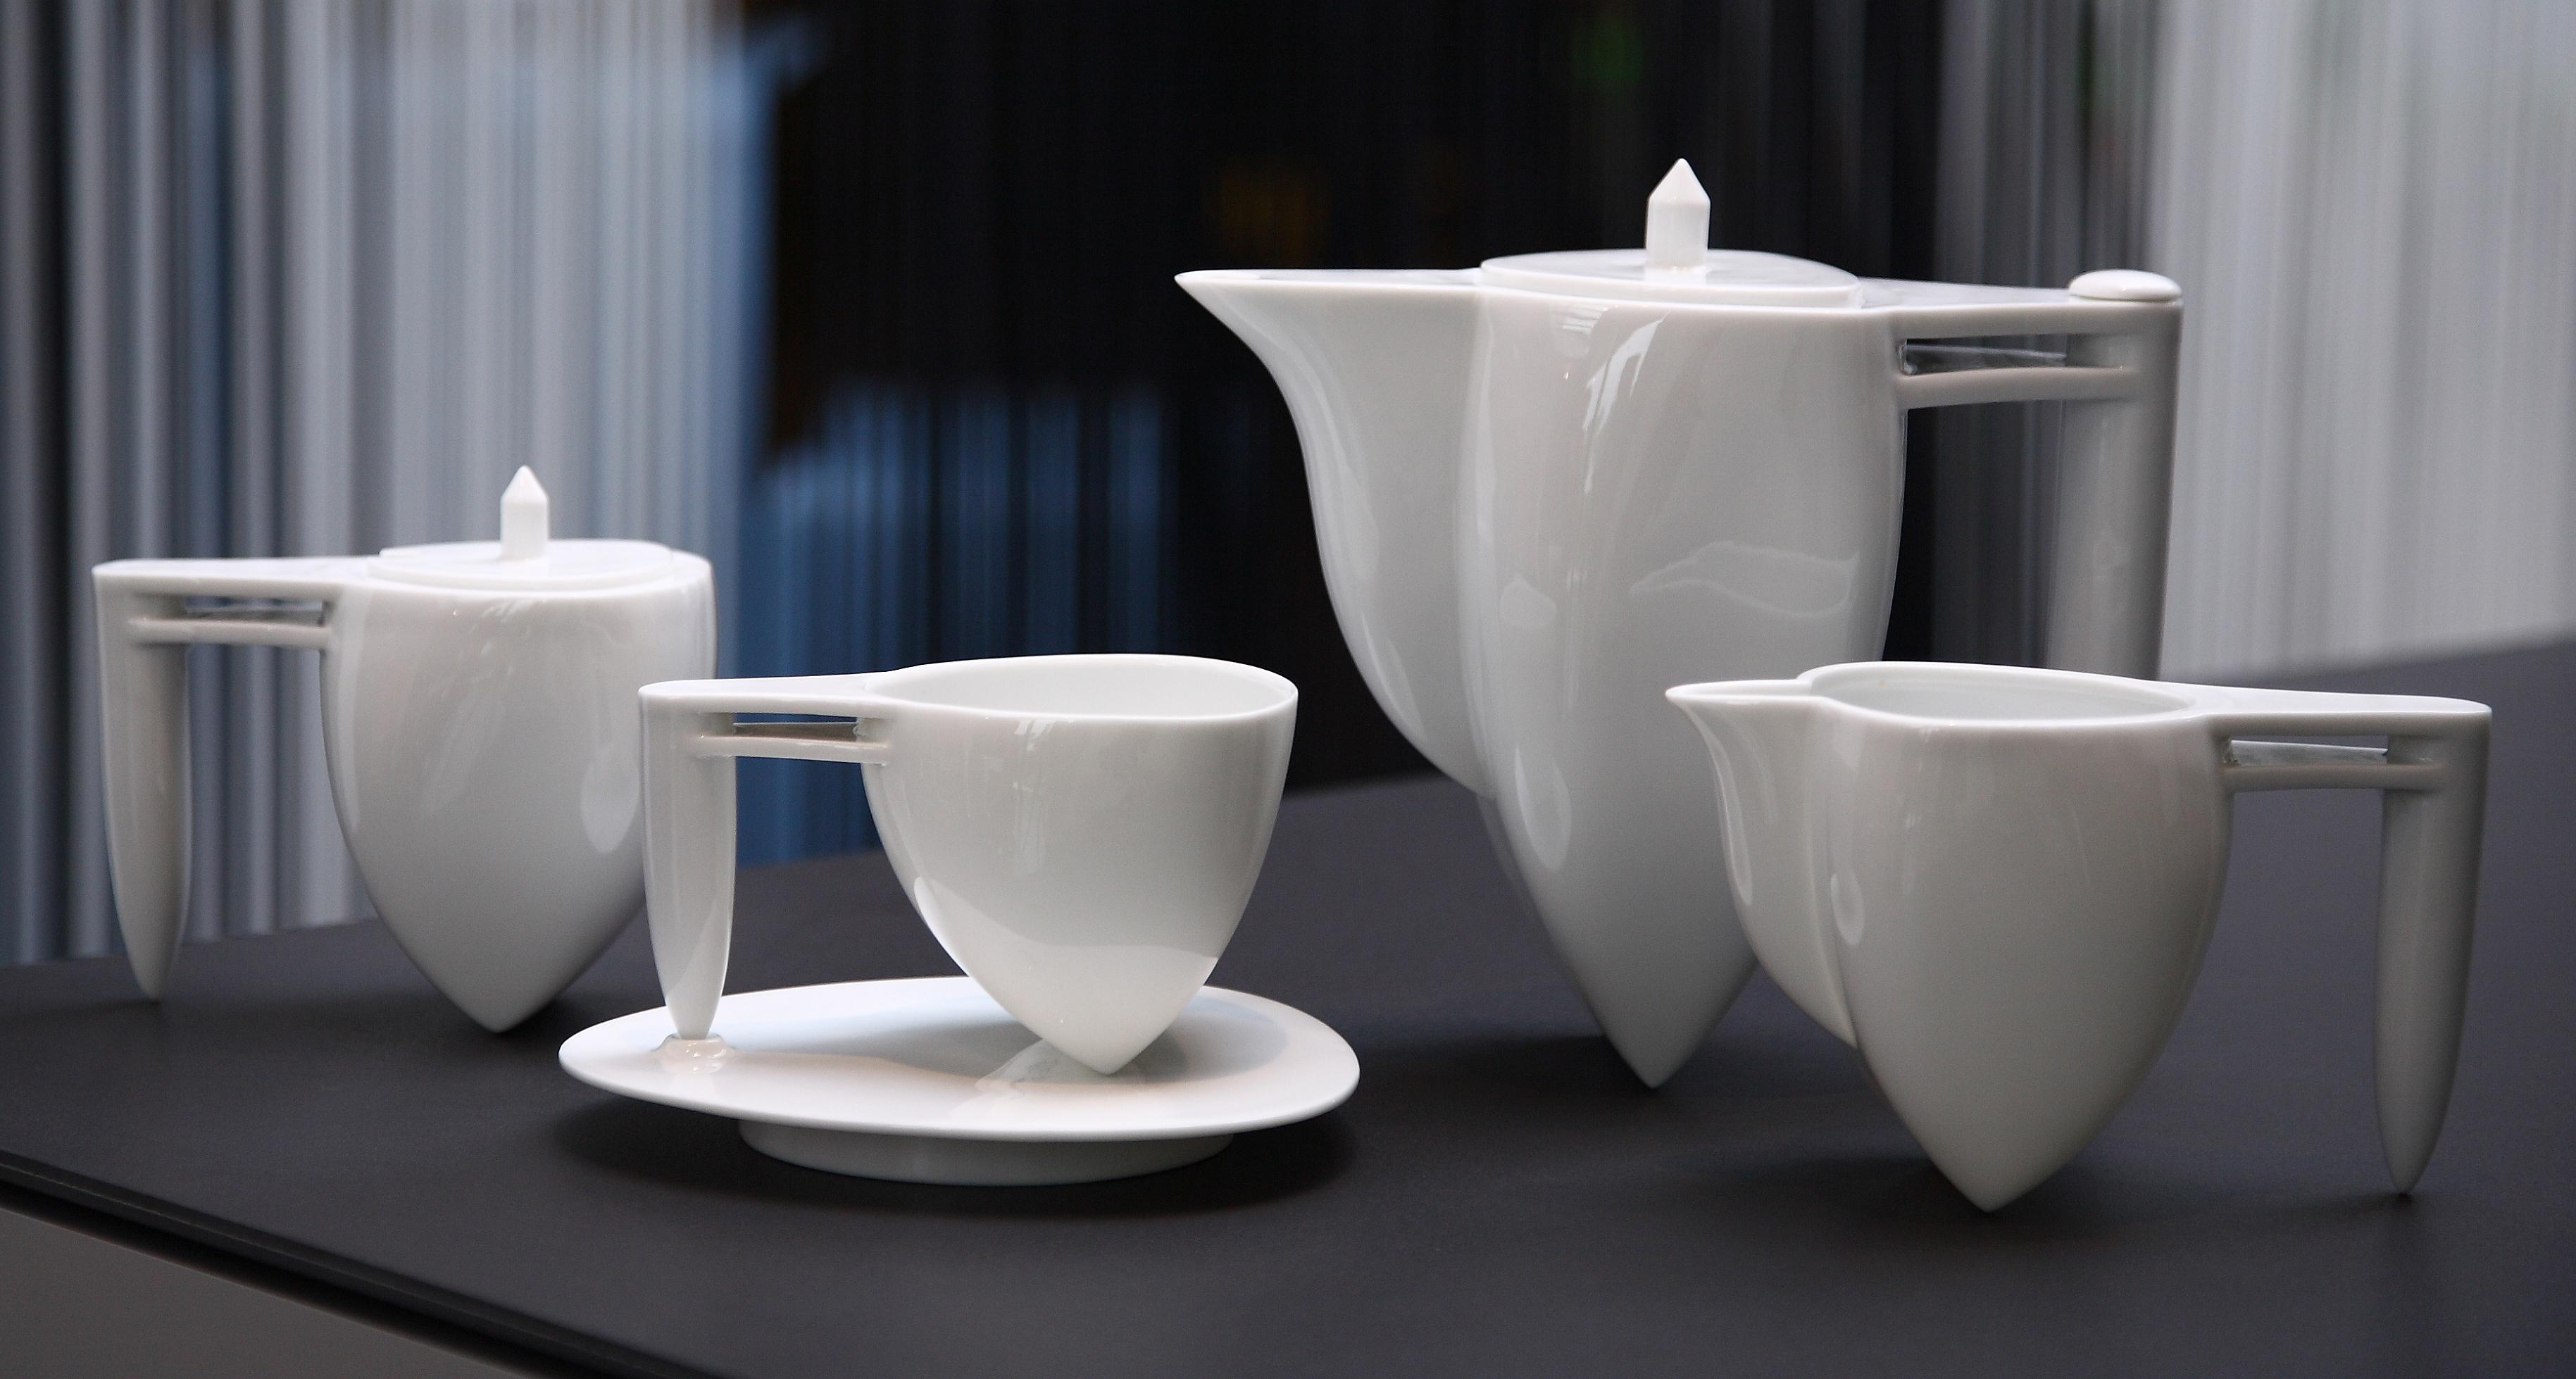 Poetycka porcelana Heinricha Wanga